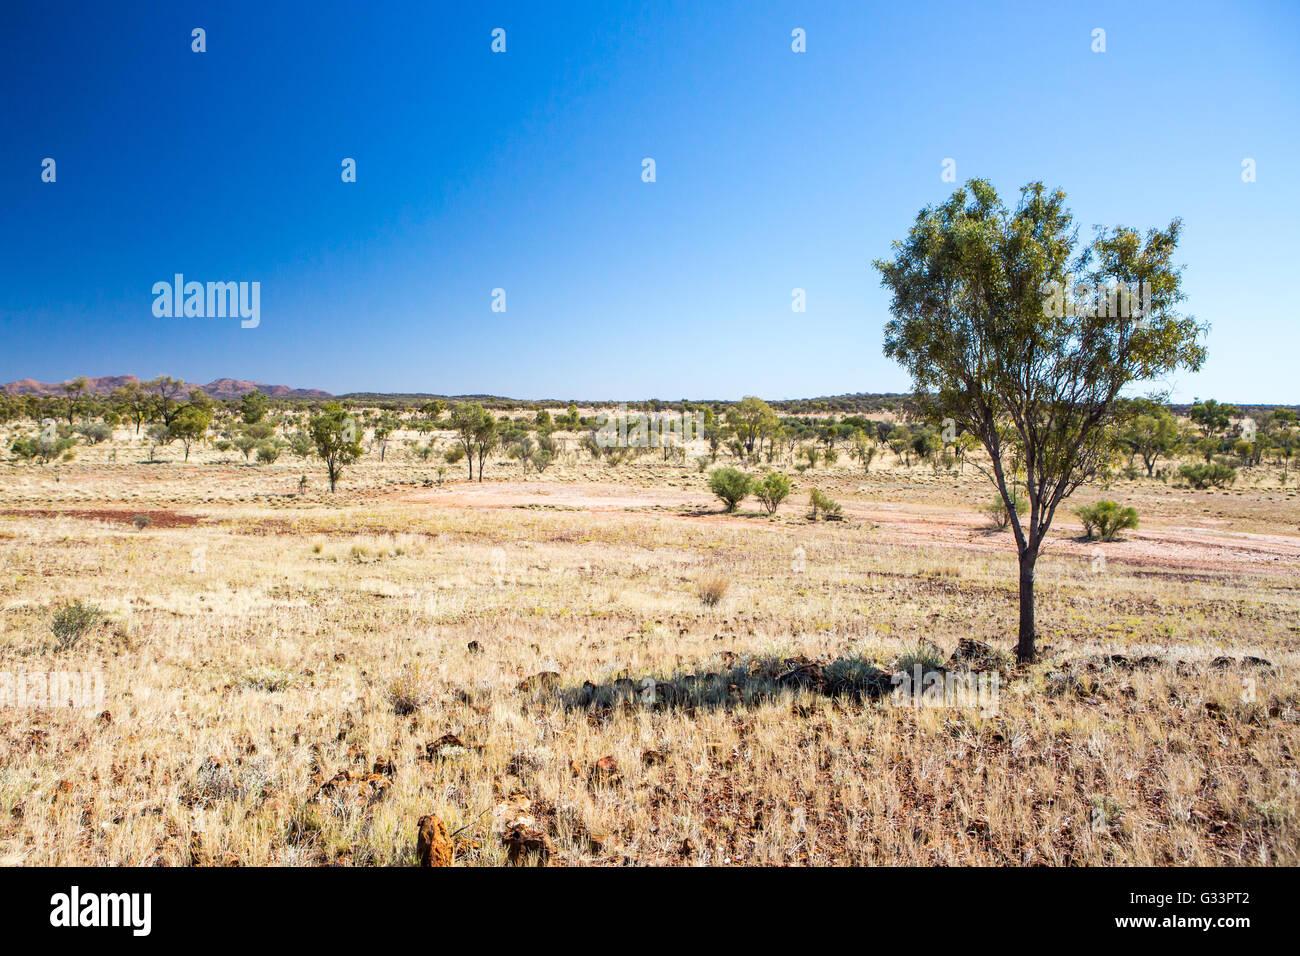 Juwel-Felder in der Nähe von Gemtree im Northern Territory, Australien Stockfoto